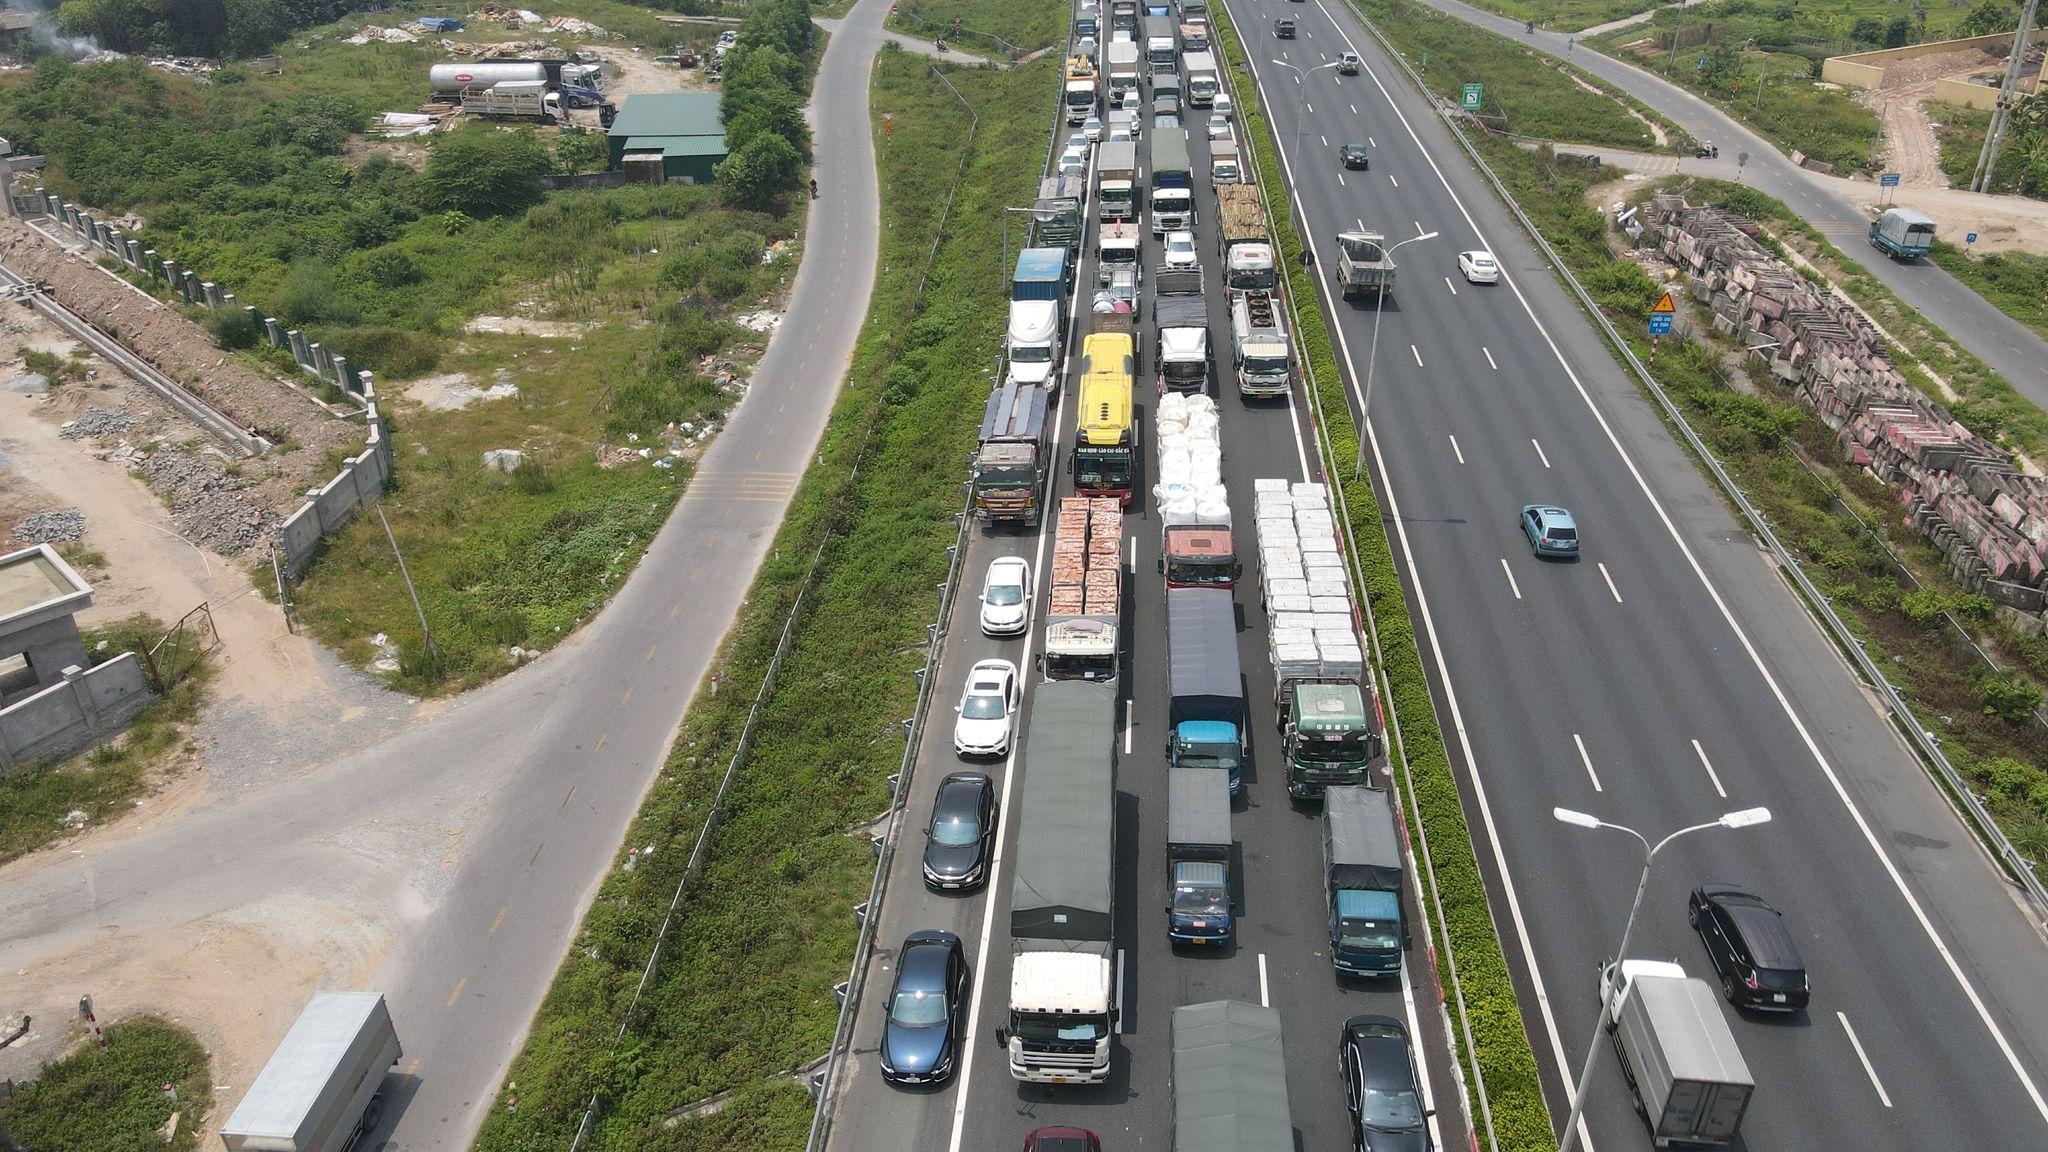 Ùn tắc hàng km ở chốt kiểm dịch cao tốc Pháp Vân - Cầu Giẽ - 1